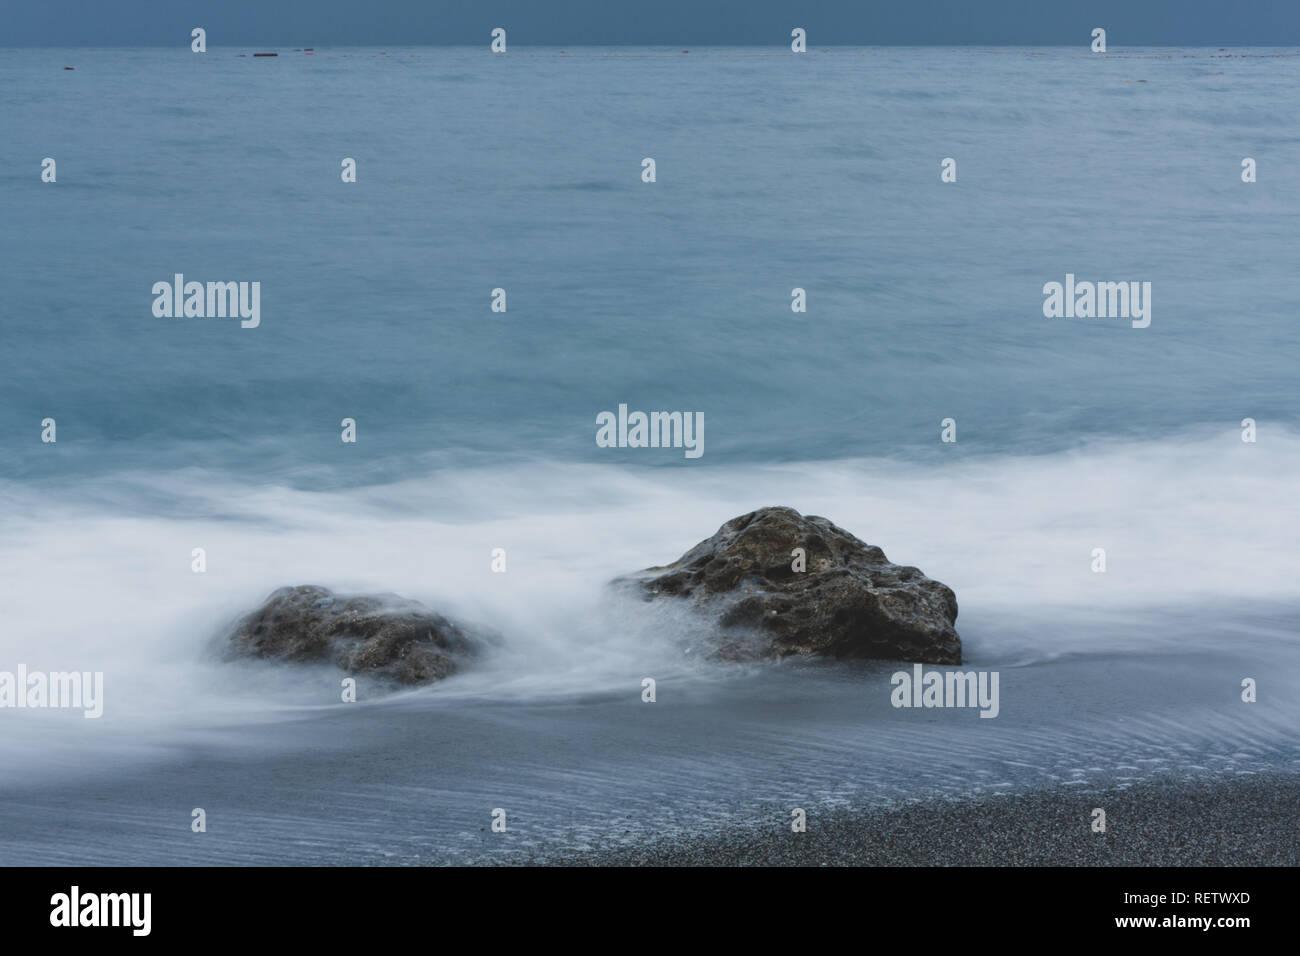 Ankommende Wellen rund um rock Absturz auf Strand, der in der Kamera blur Motion, abstrakten Hintergrund, Langzeitbelichtung, Hualien, Taiwan Stockfoto